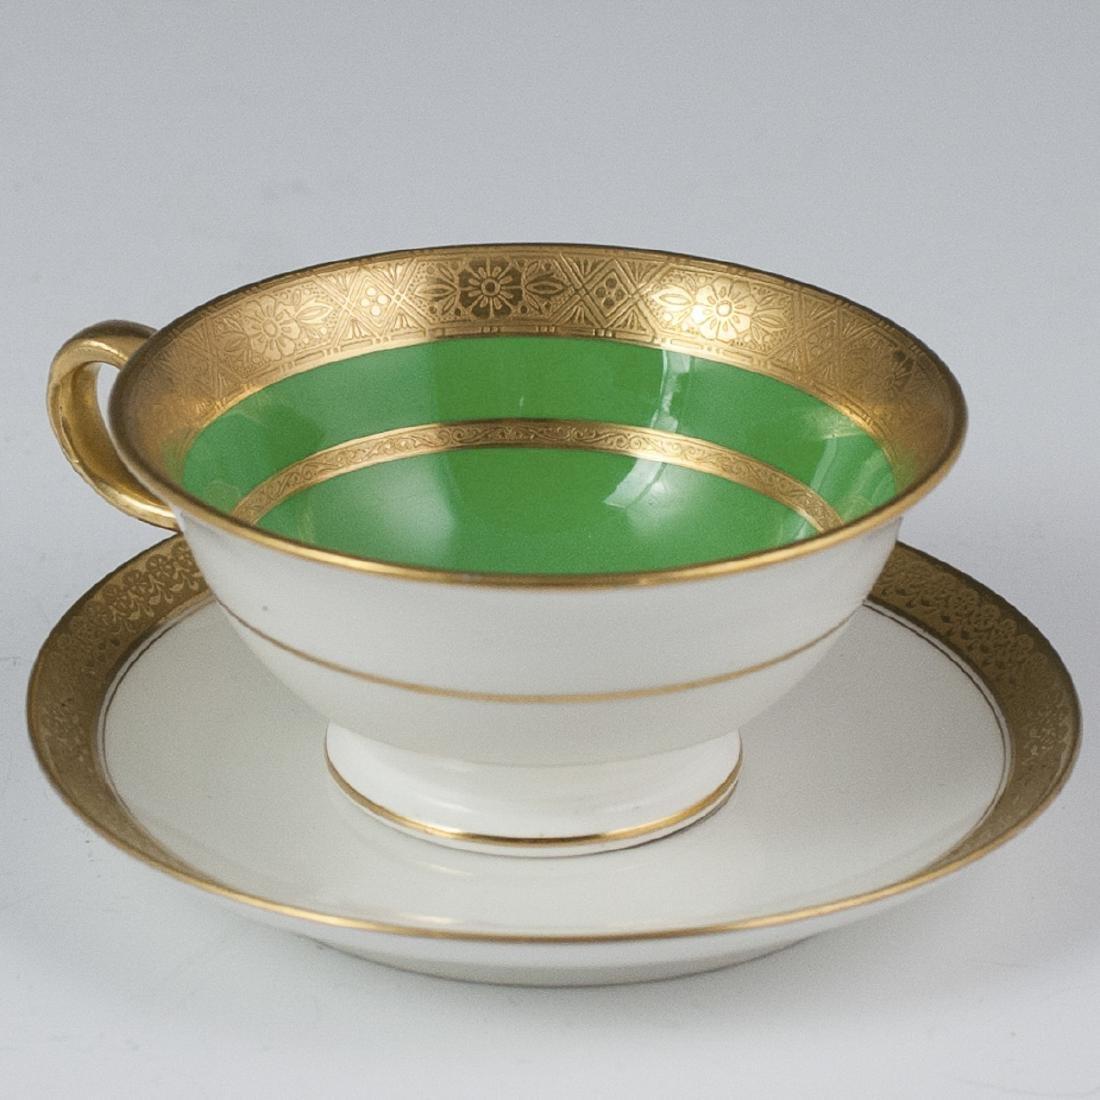 Mintons Tiffany & Co. Porcelain Teacup